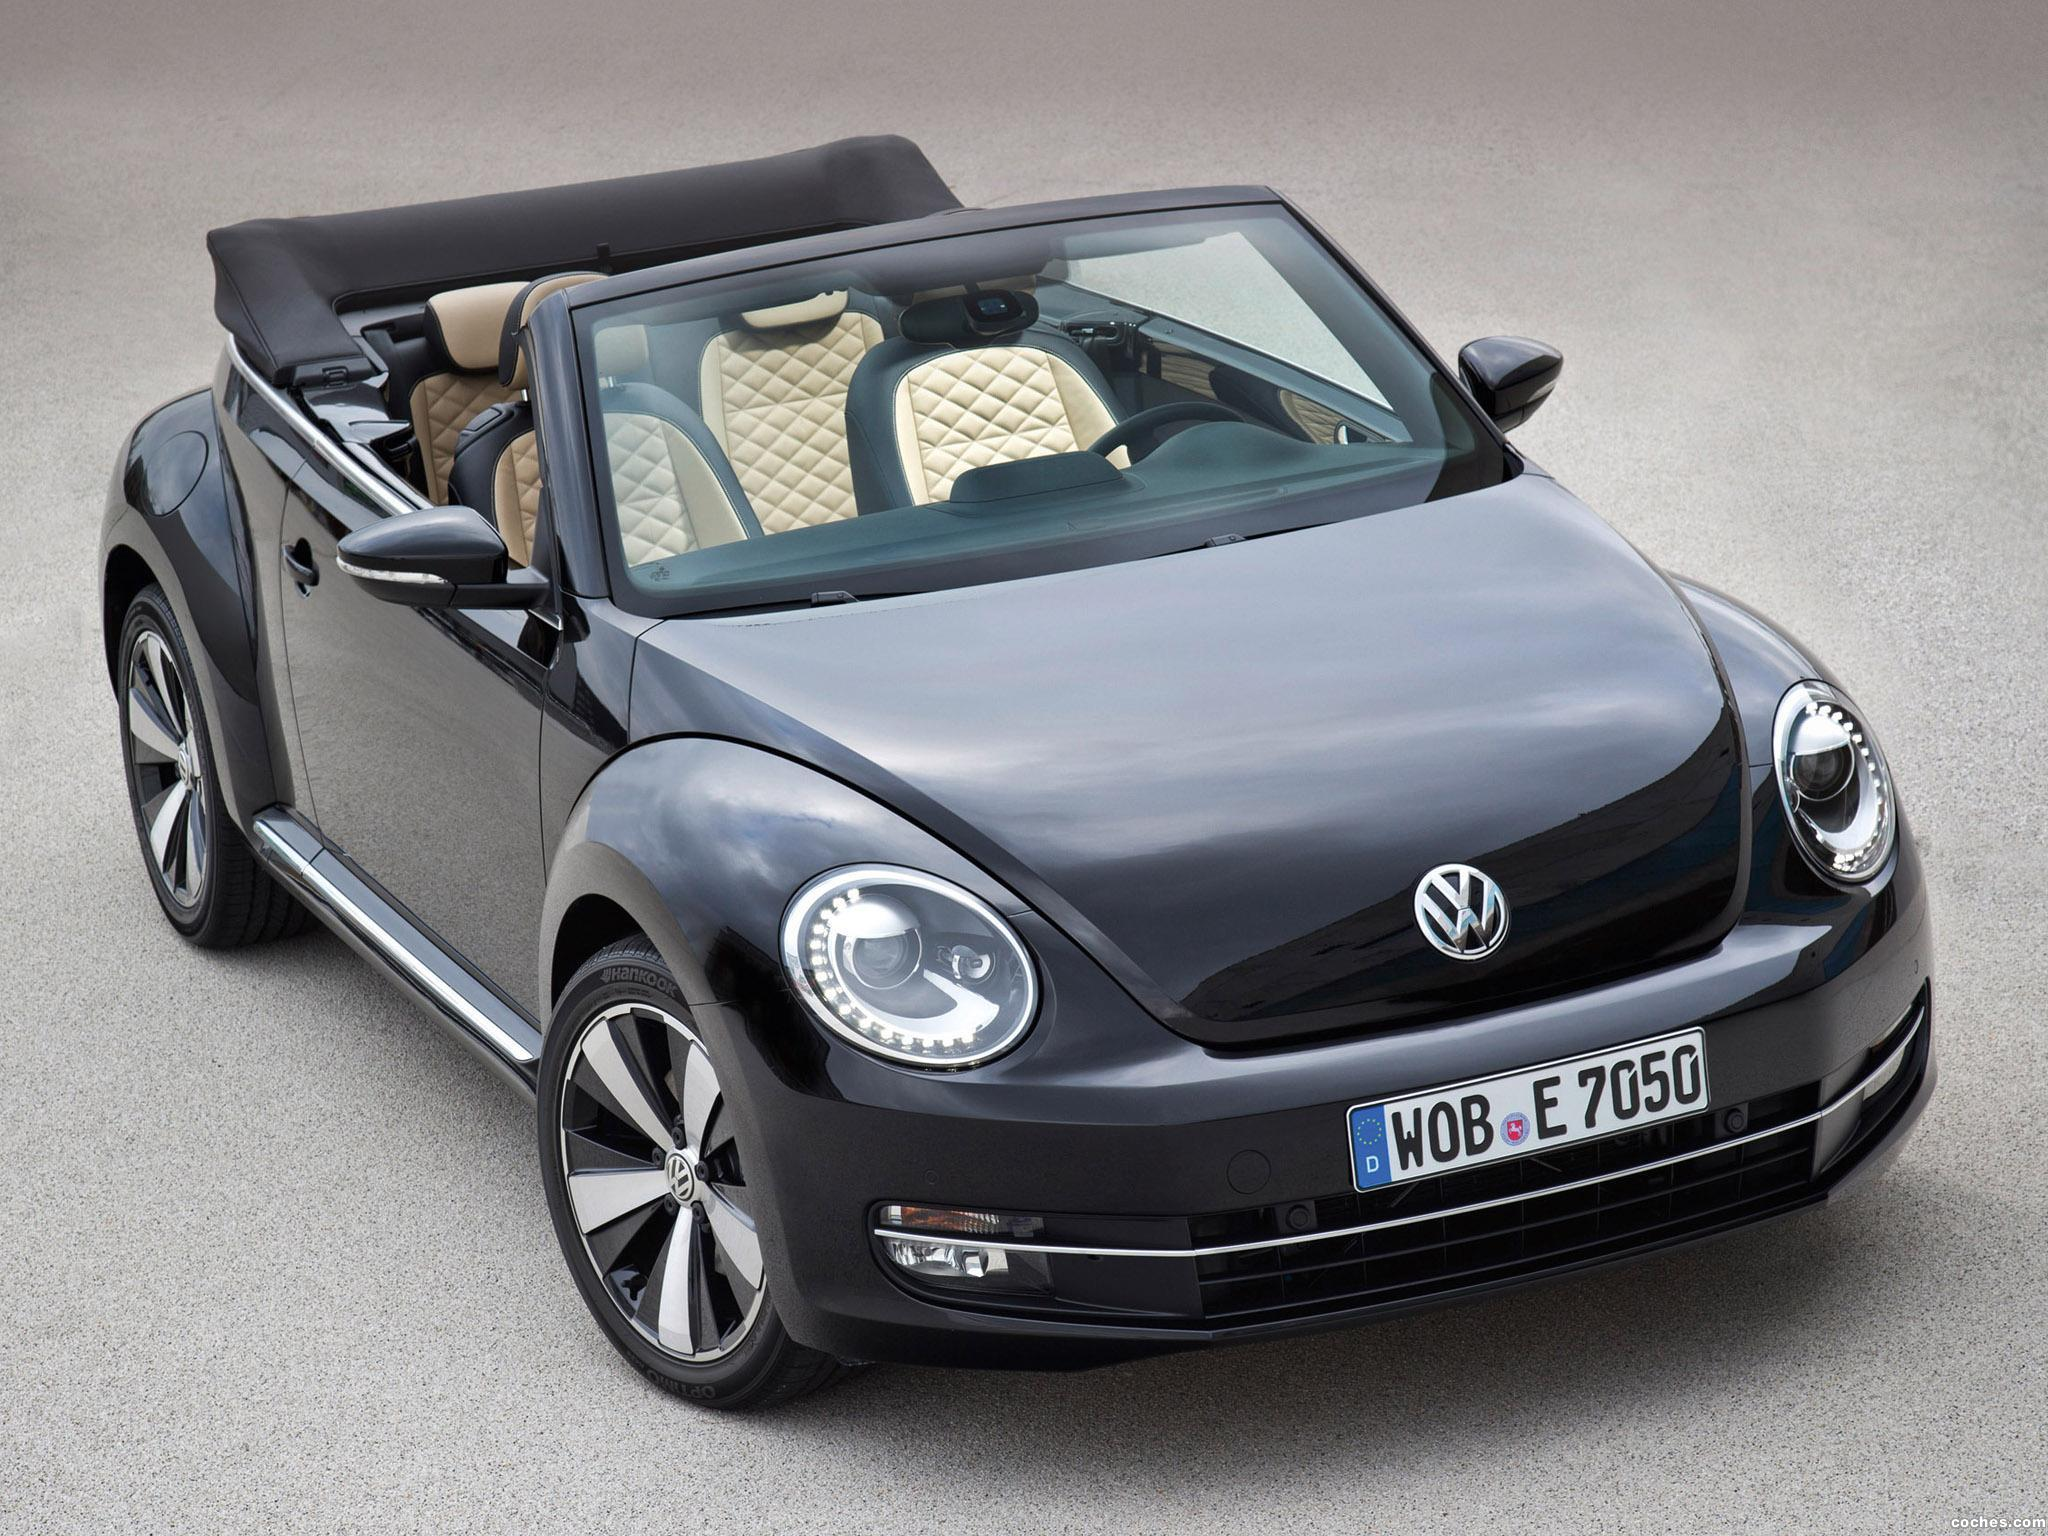 Foto 0 de Volkswagen Beetle Cabrio Exclusive 2012